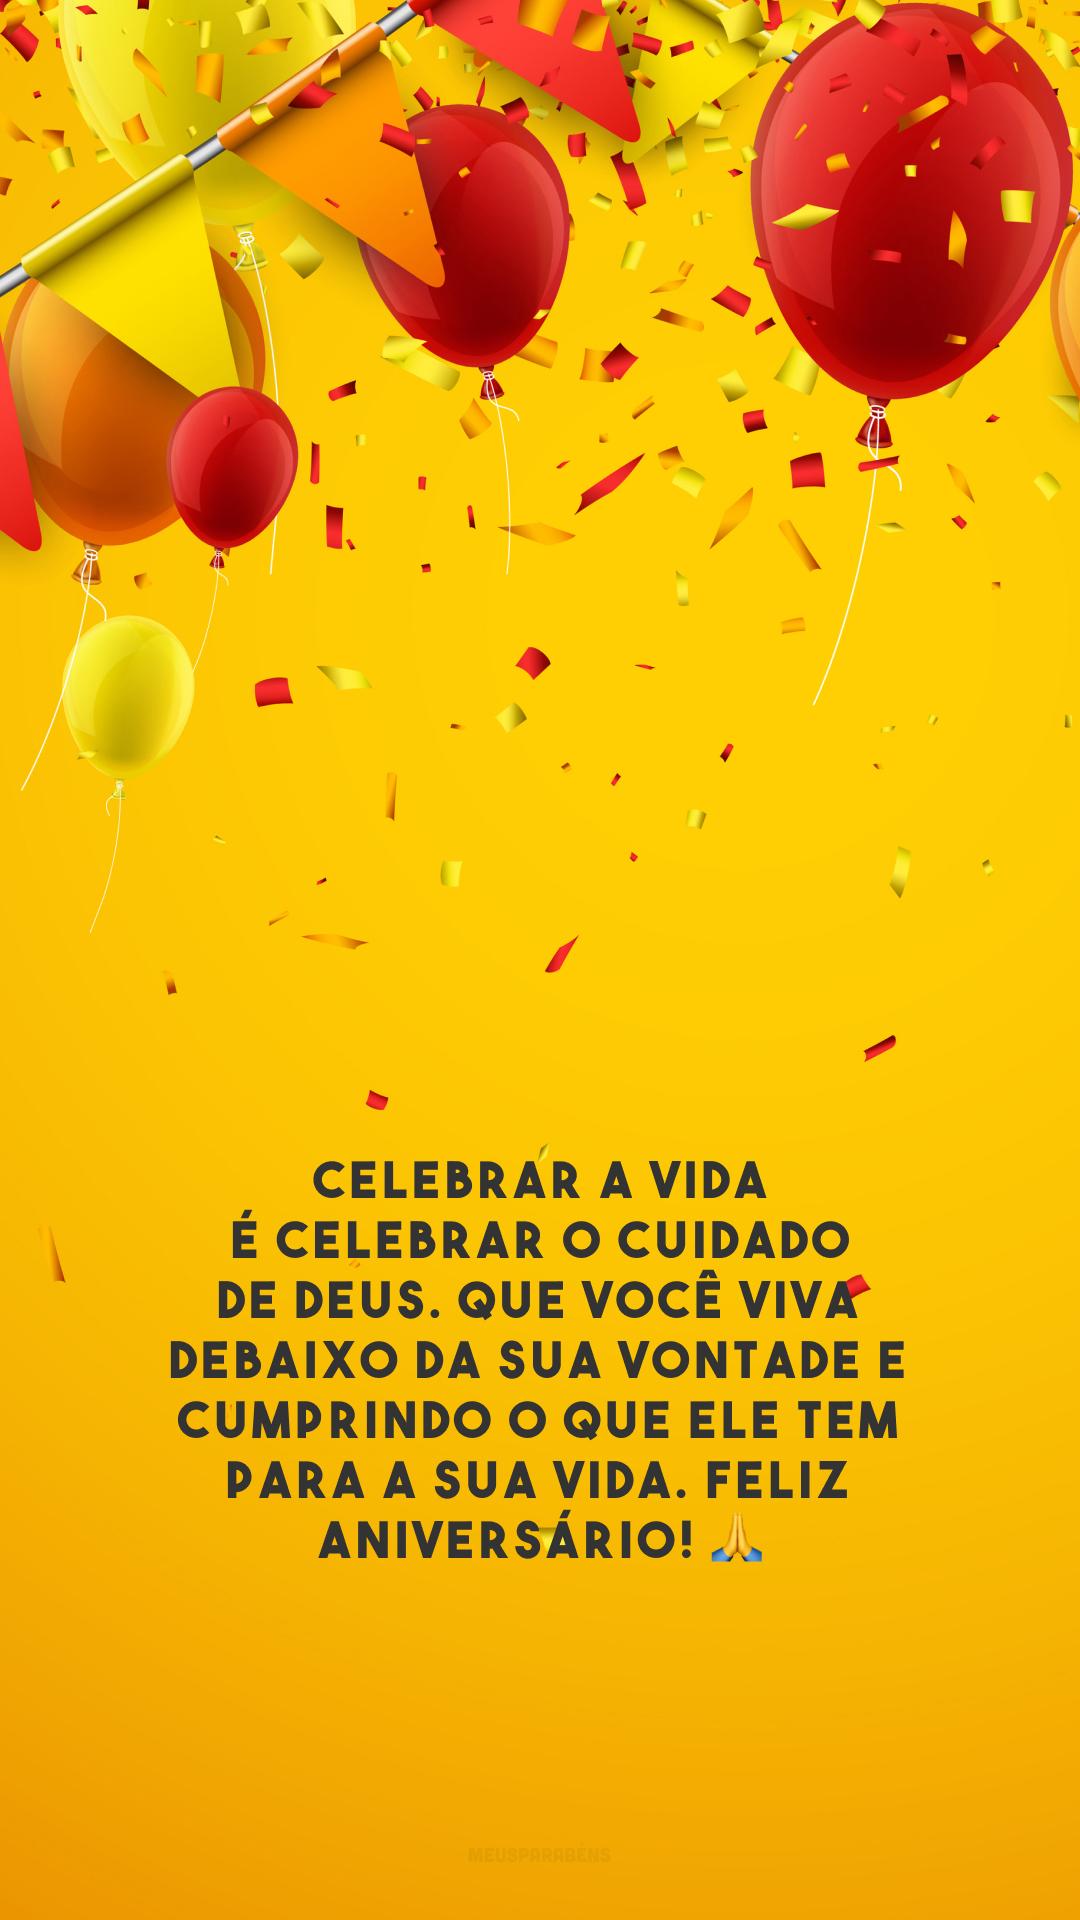 Celebrar a vida é celebrar o cuidado de Deus. Que você viva debaixo da sua vontade e cumprindo o que Ele tem para a sua vida. Feliz aniversário! 🙏